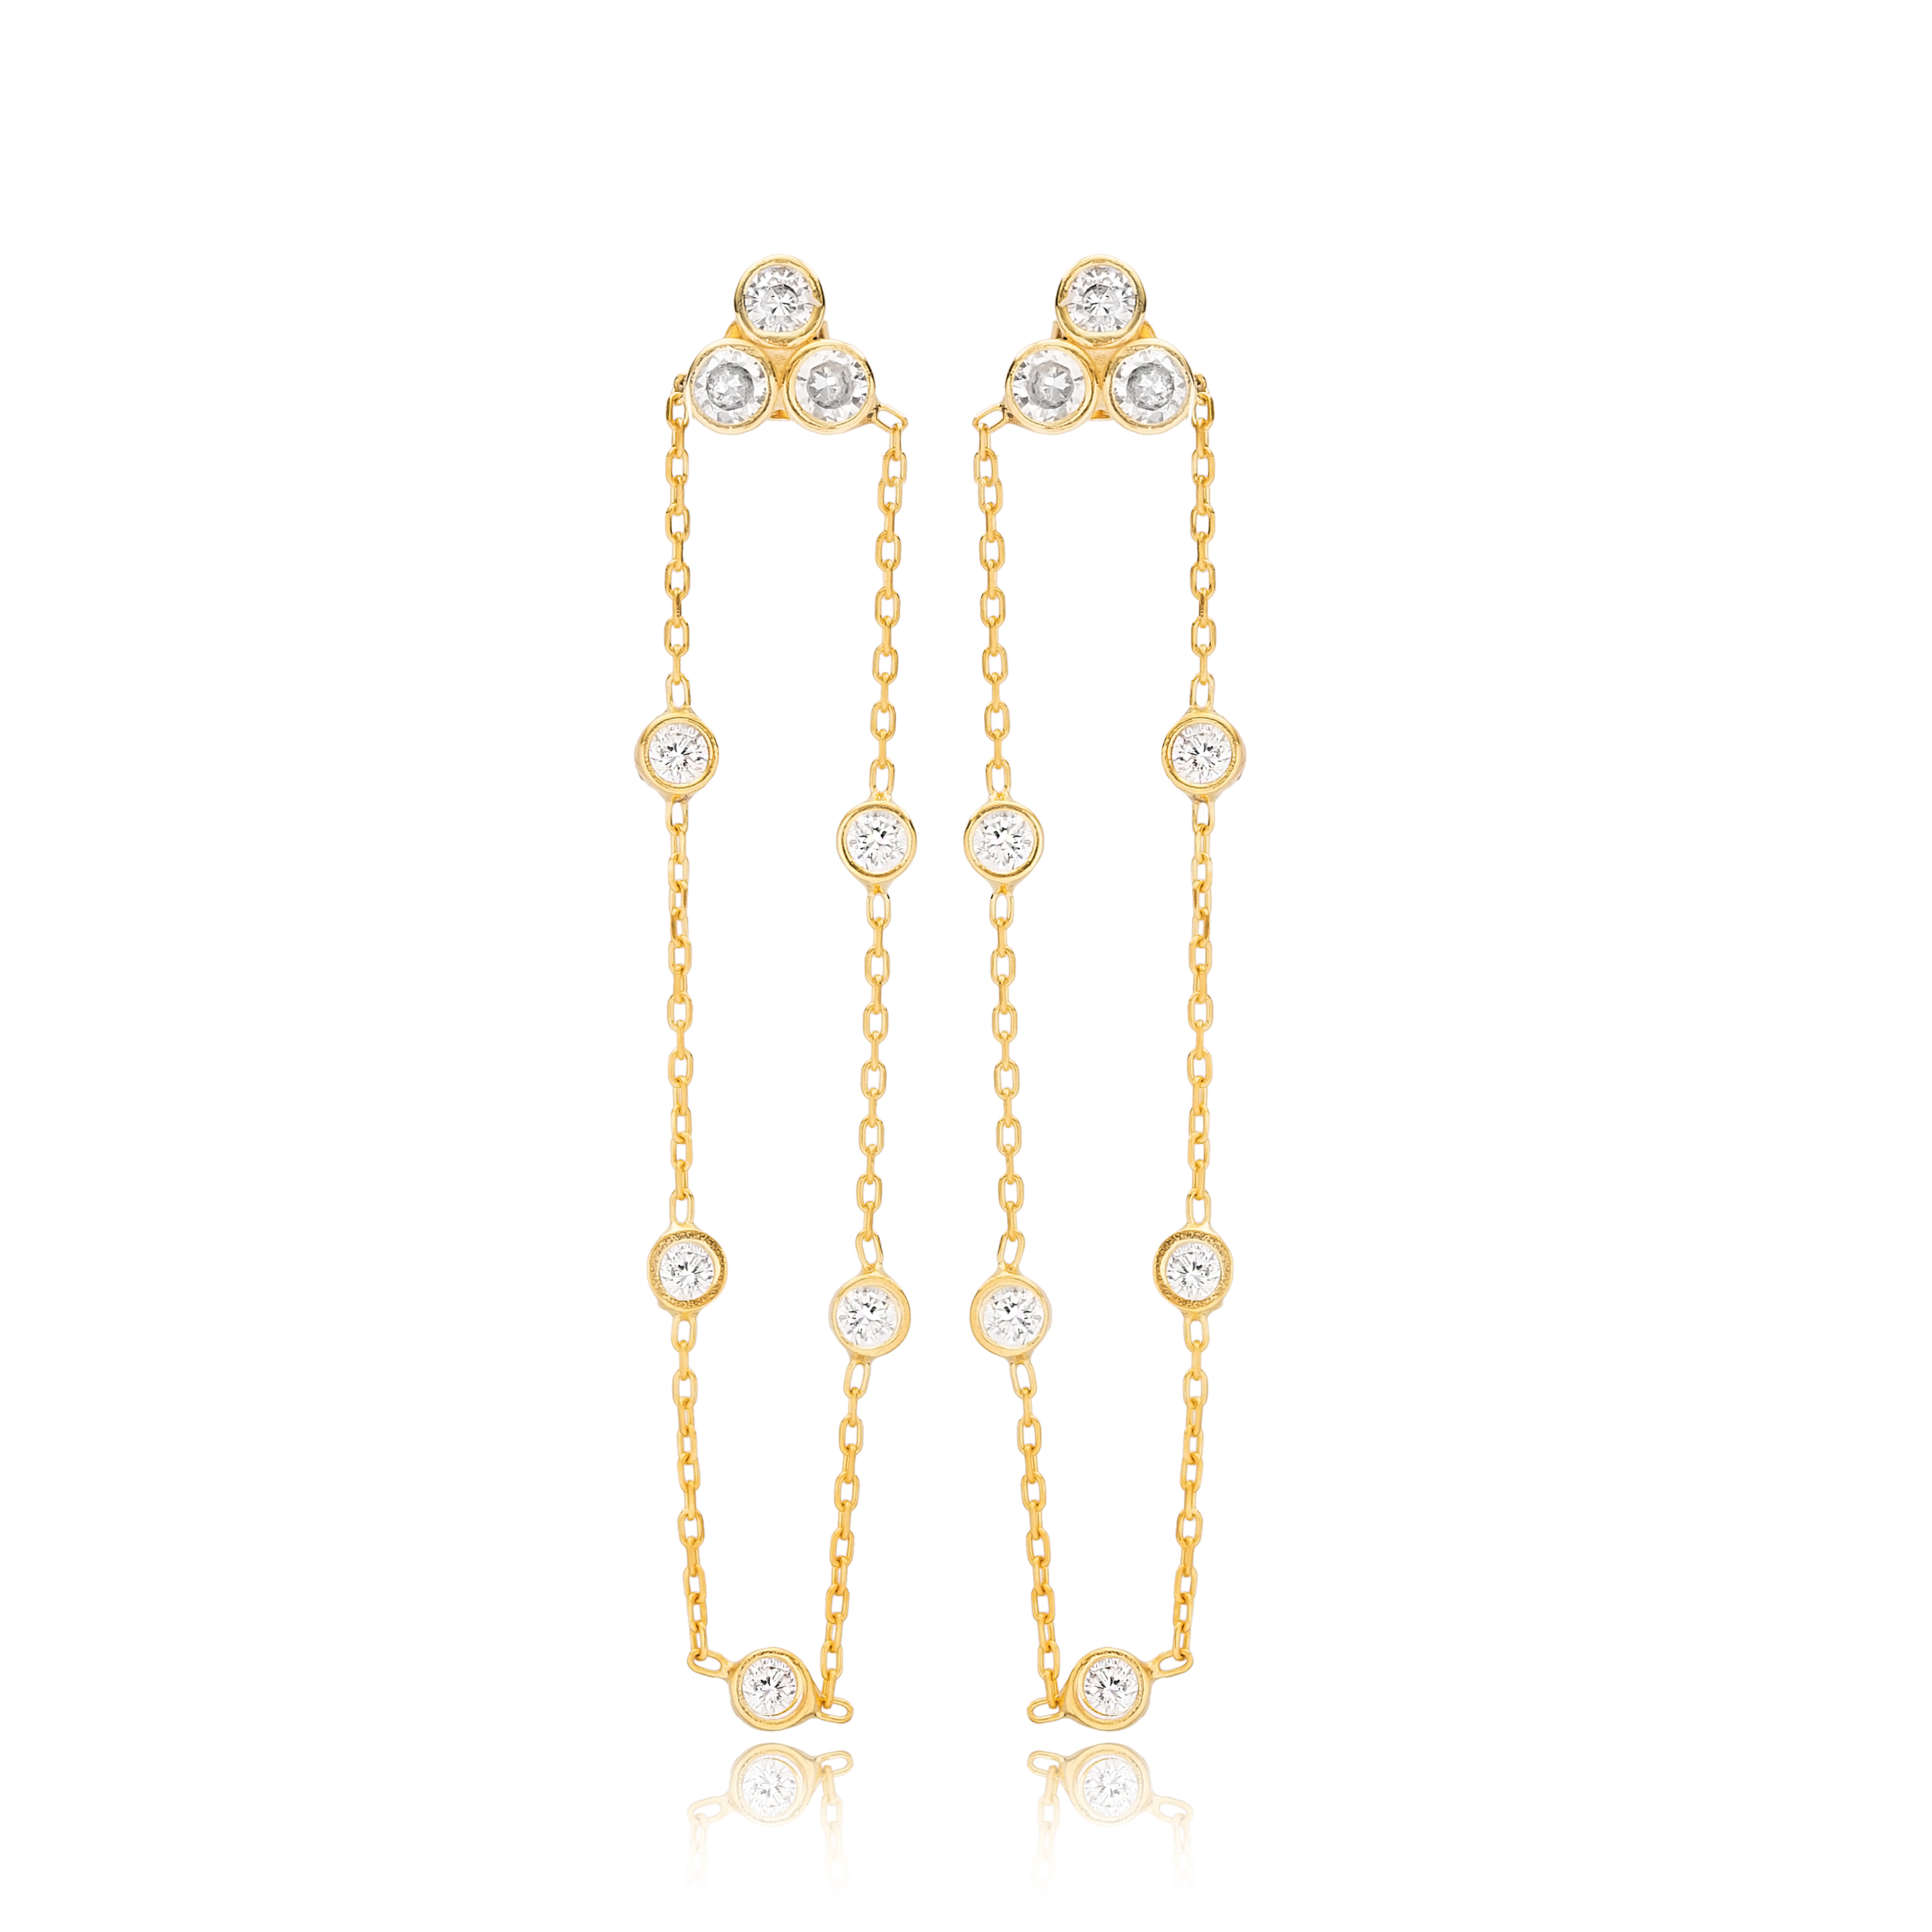 Cristal drop earrings